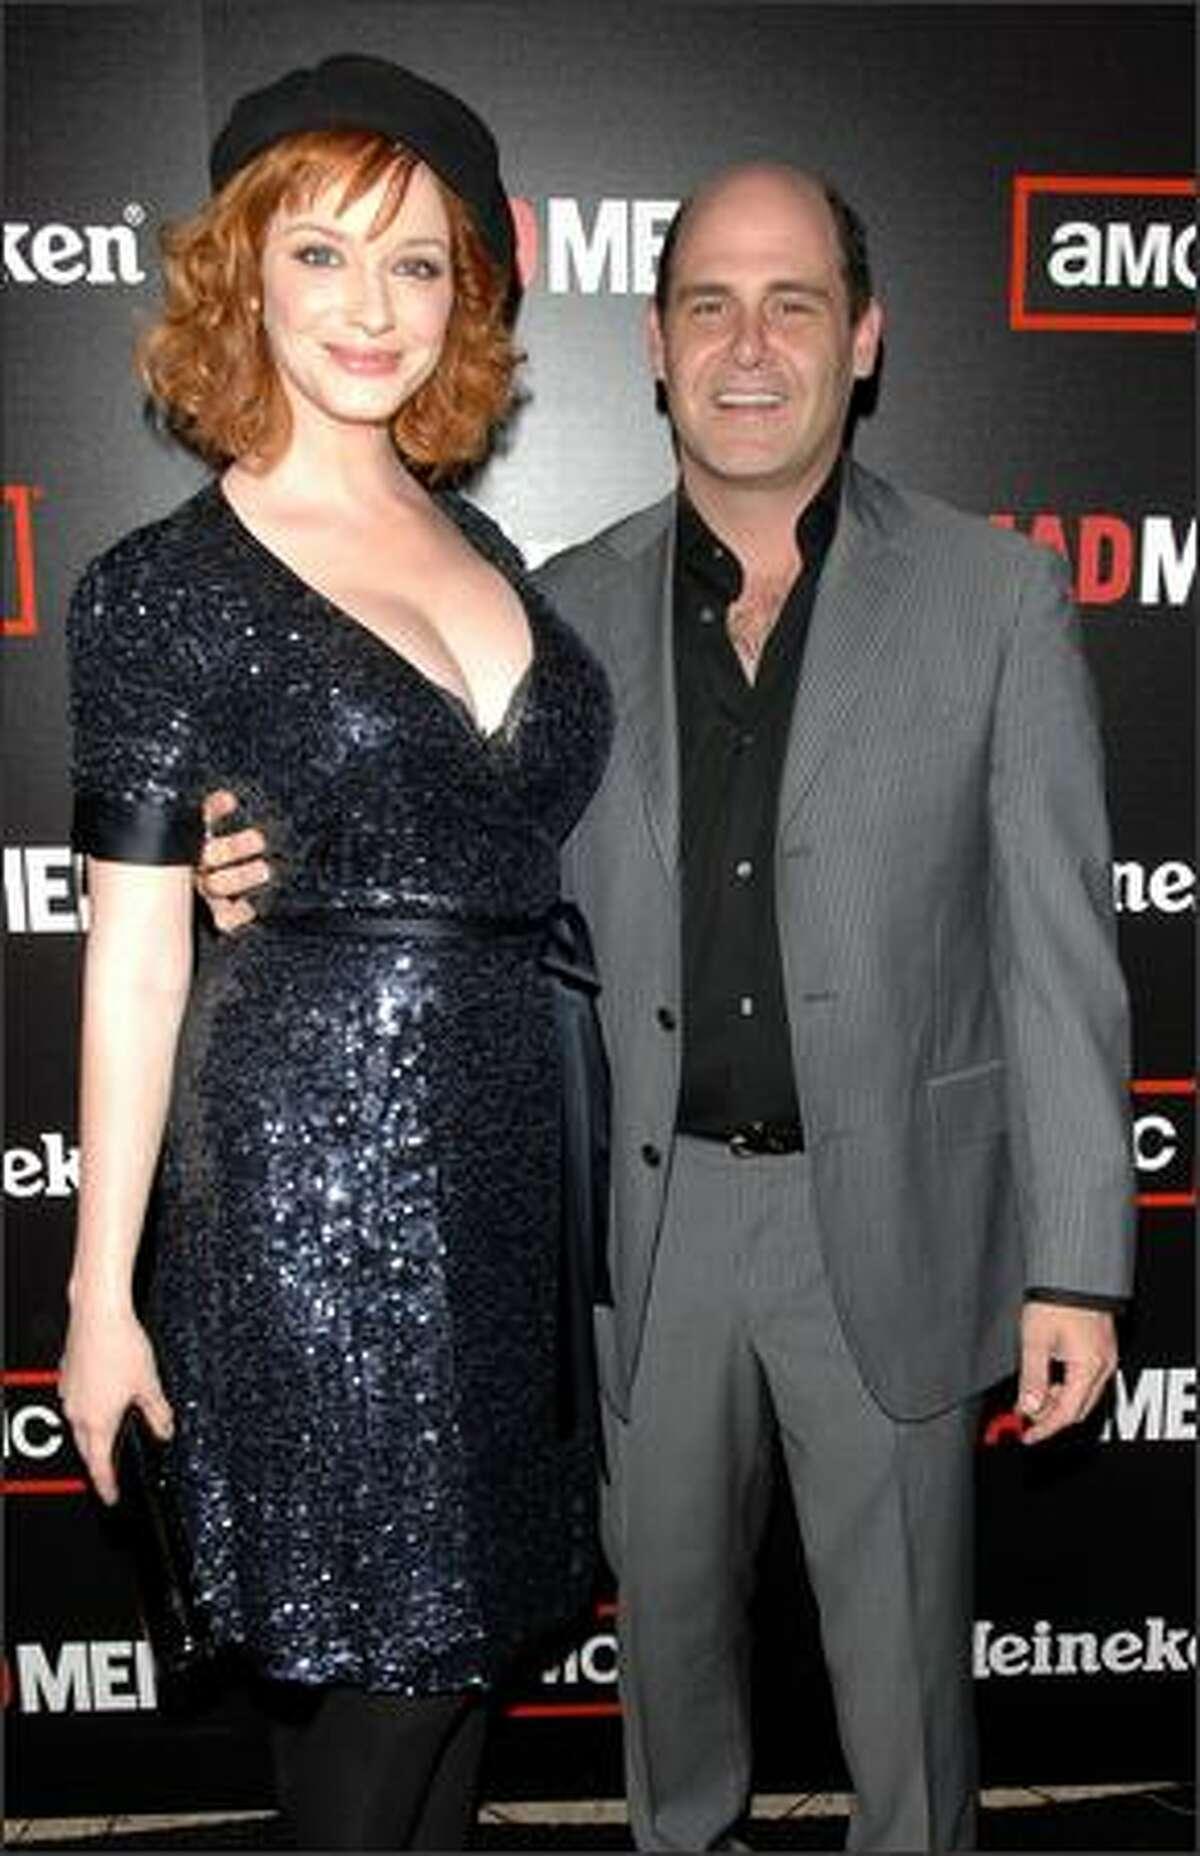 Actor Christina Hendricks (L) and producer Matthew Weiner attend AMC & Heineken's